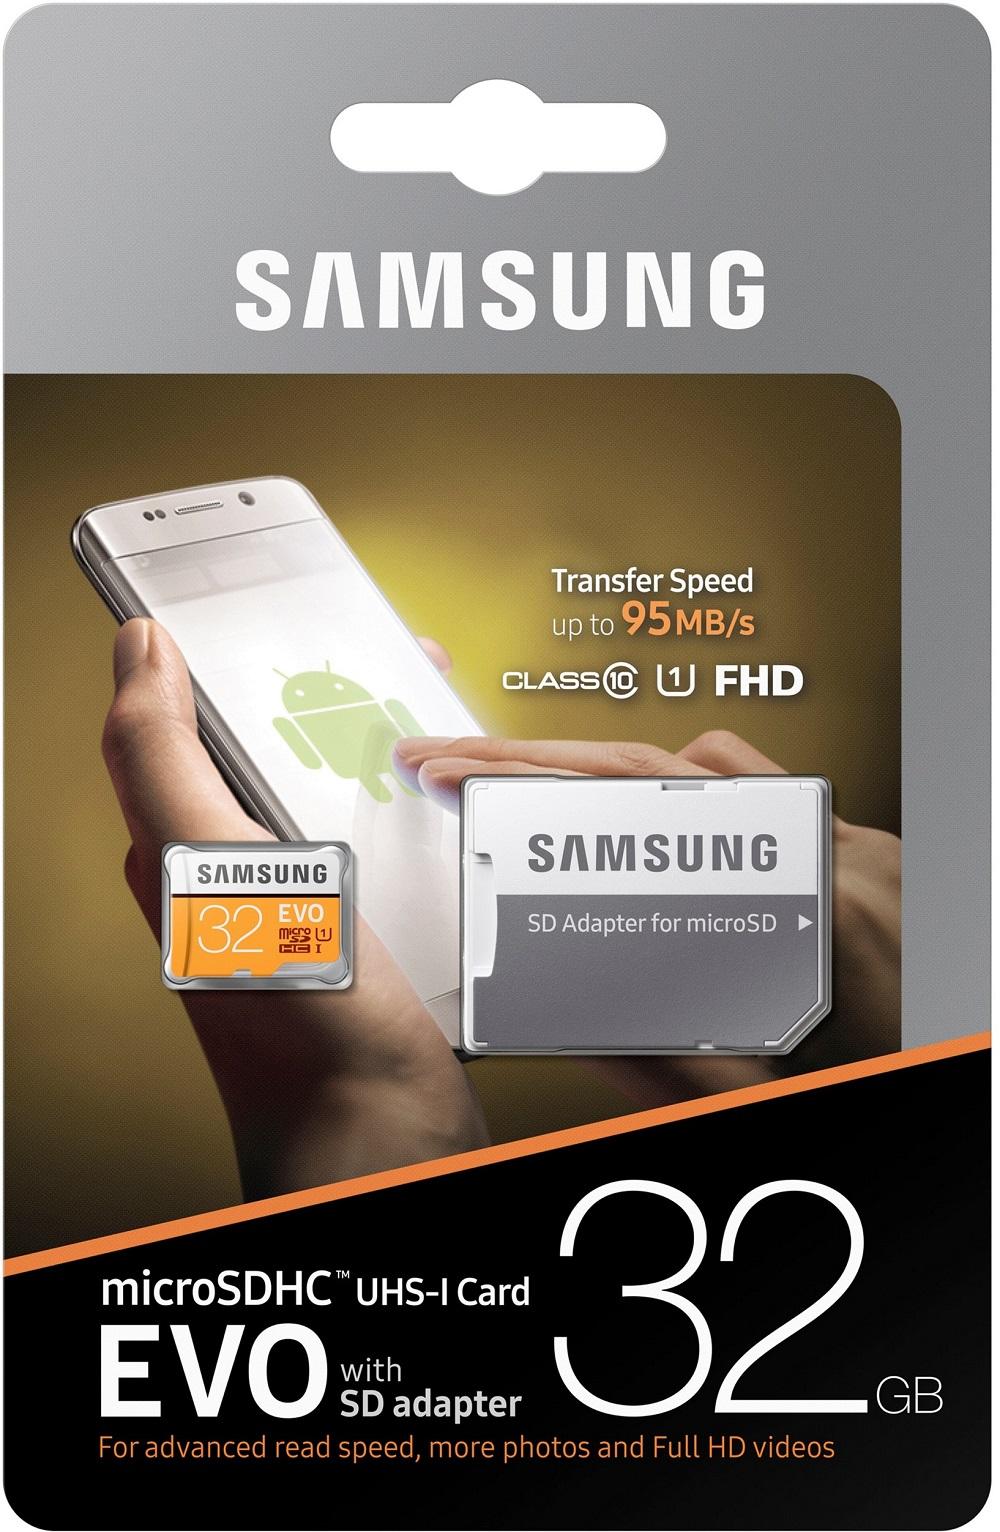 Купить Flash пам'ять, Карта пам'яті Samsung Evo Plus Micro SDHC 32GB MB-MP32GA/APC